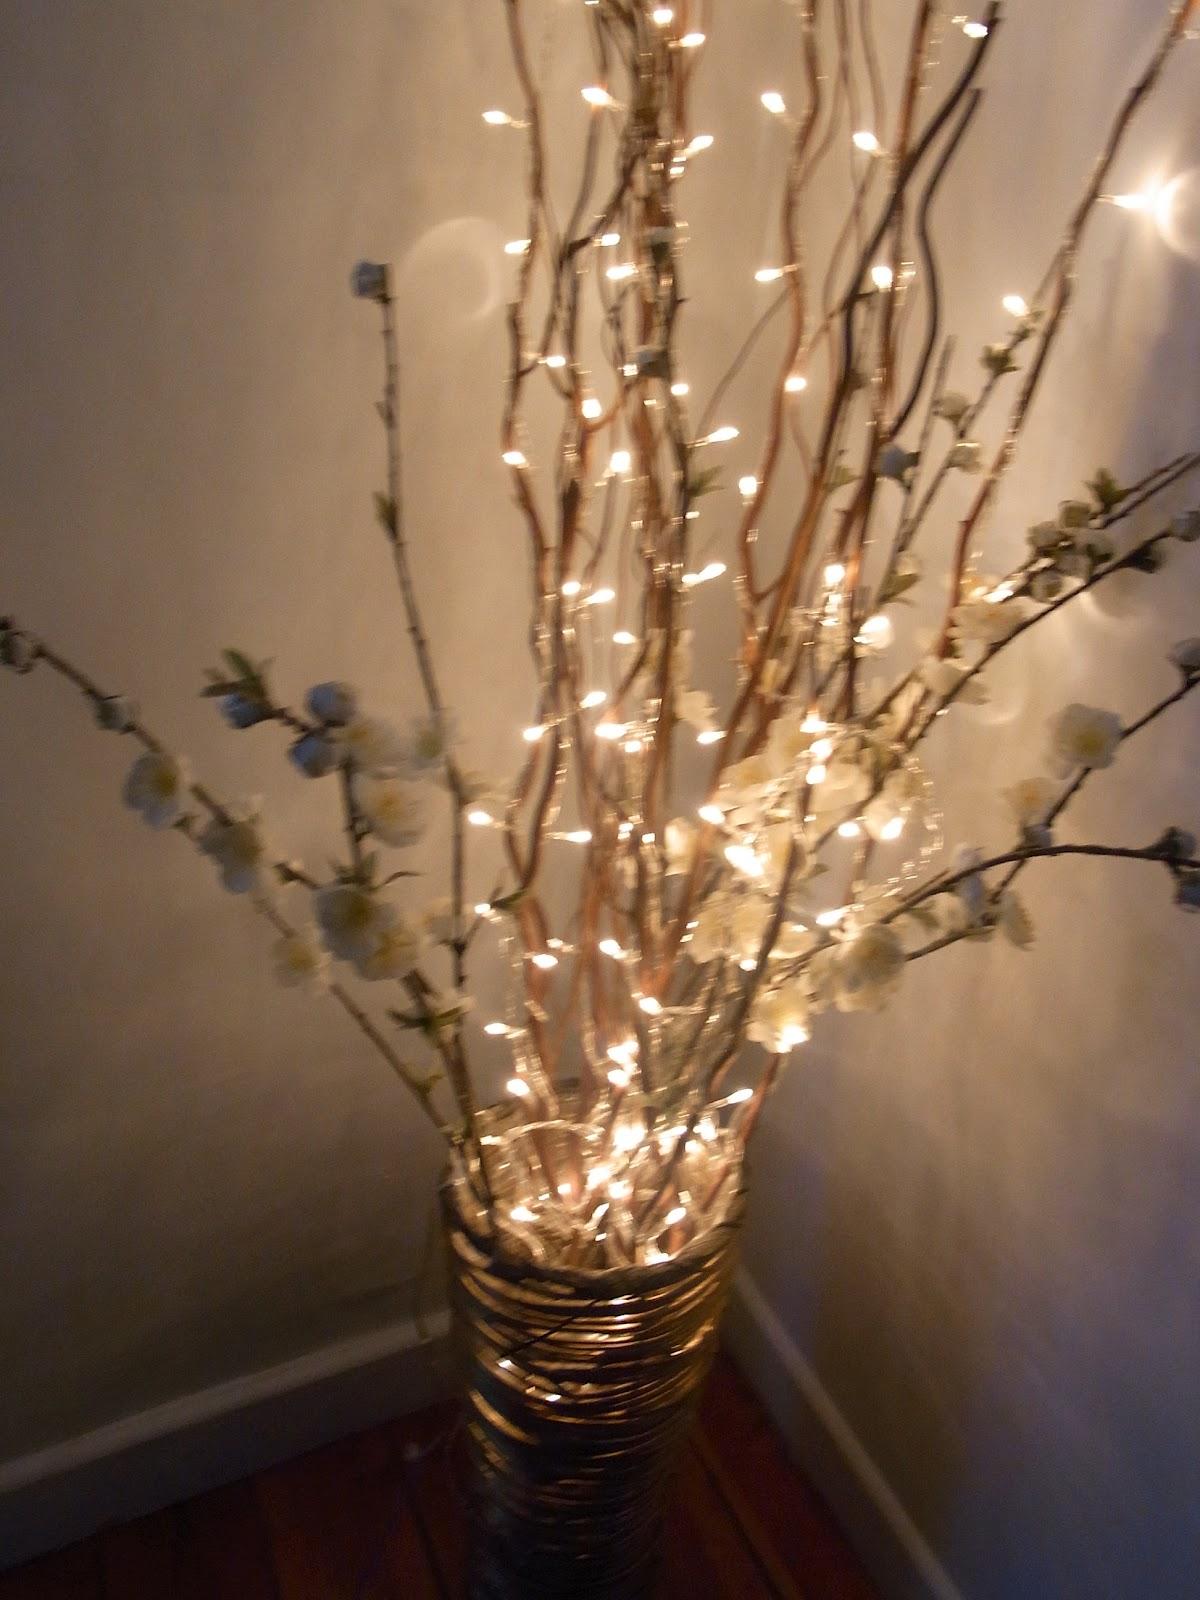 forte t te sur talons hauts fleurs de cerisier du japon au portugal de wang mien van gogh. Black Bedroom Furniture Sets. Home Design Ideas